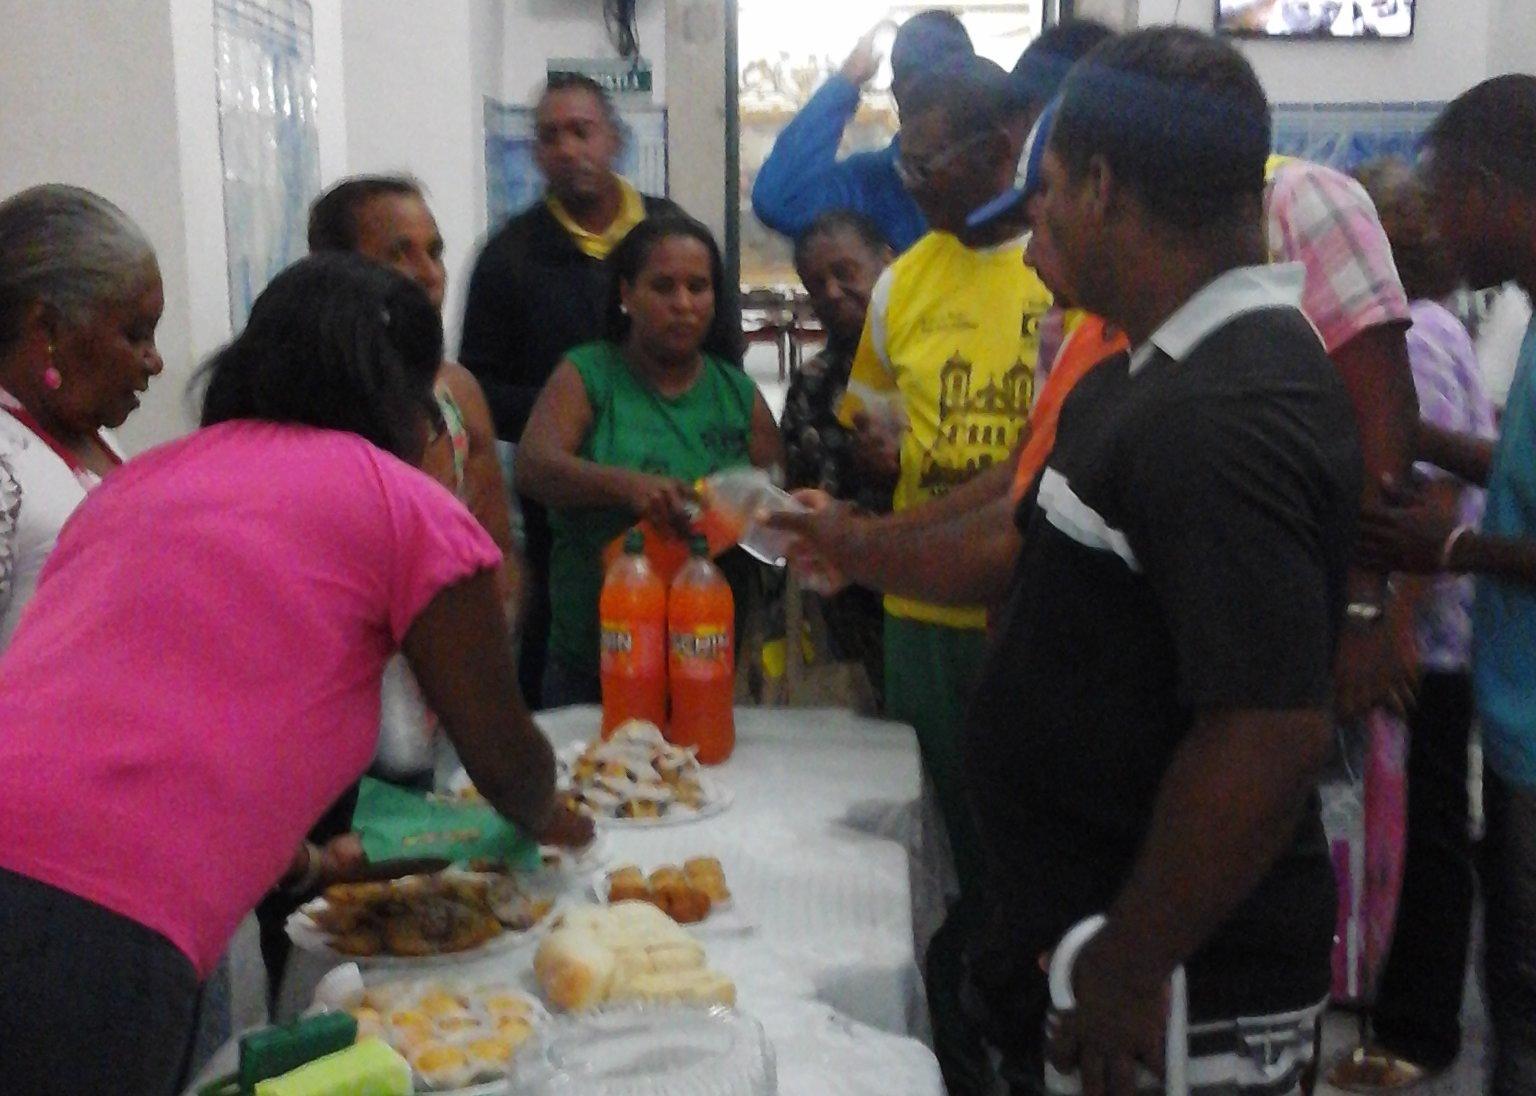 Bas�lica realiza festa dos pais para ambulantes